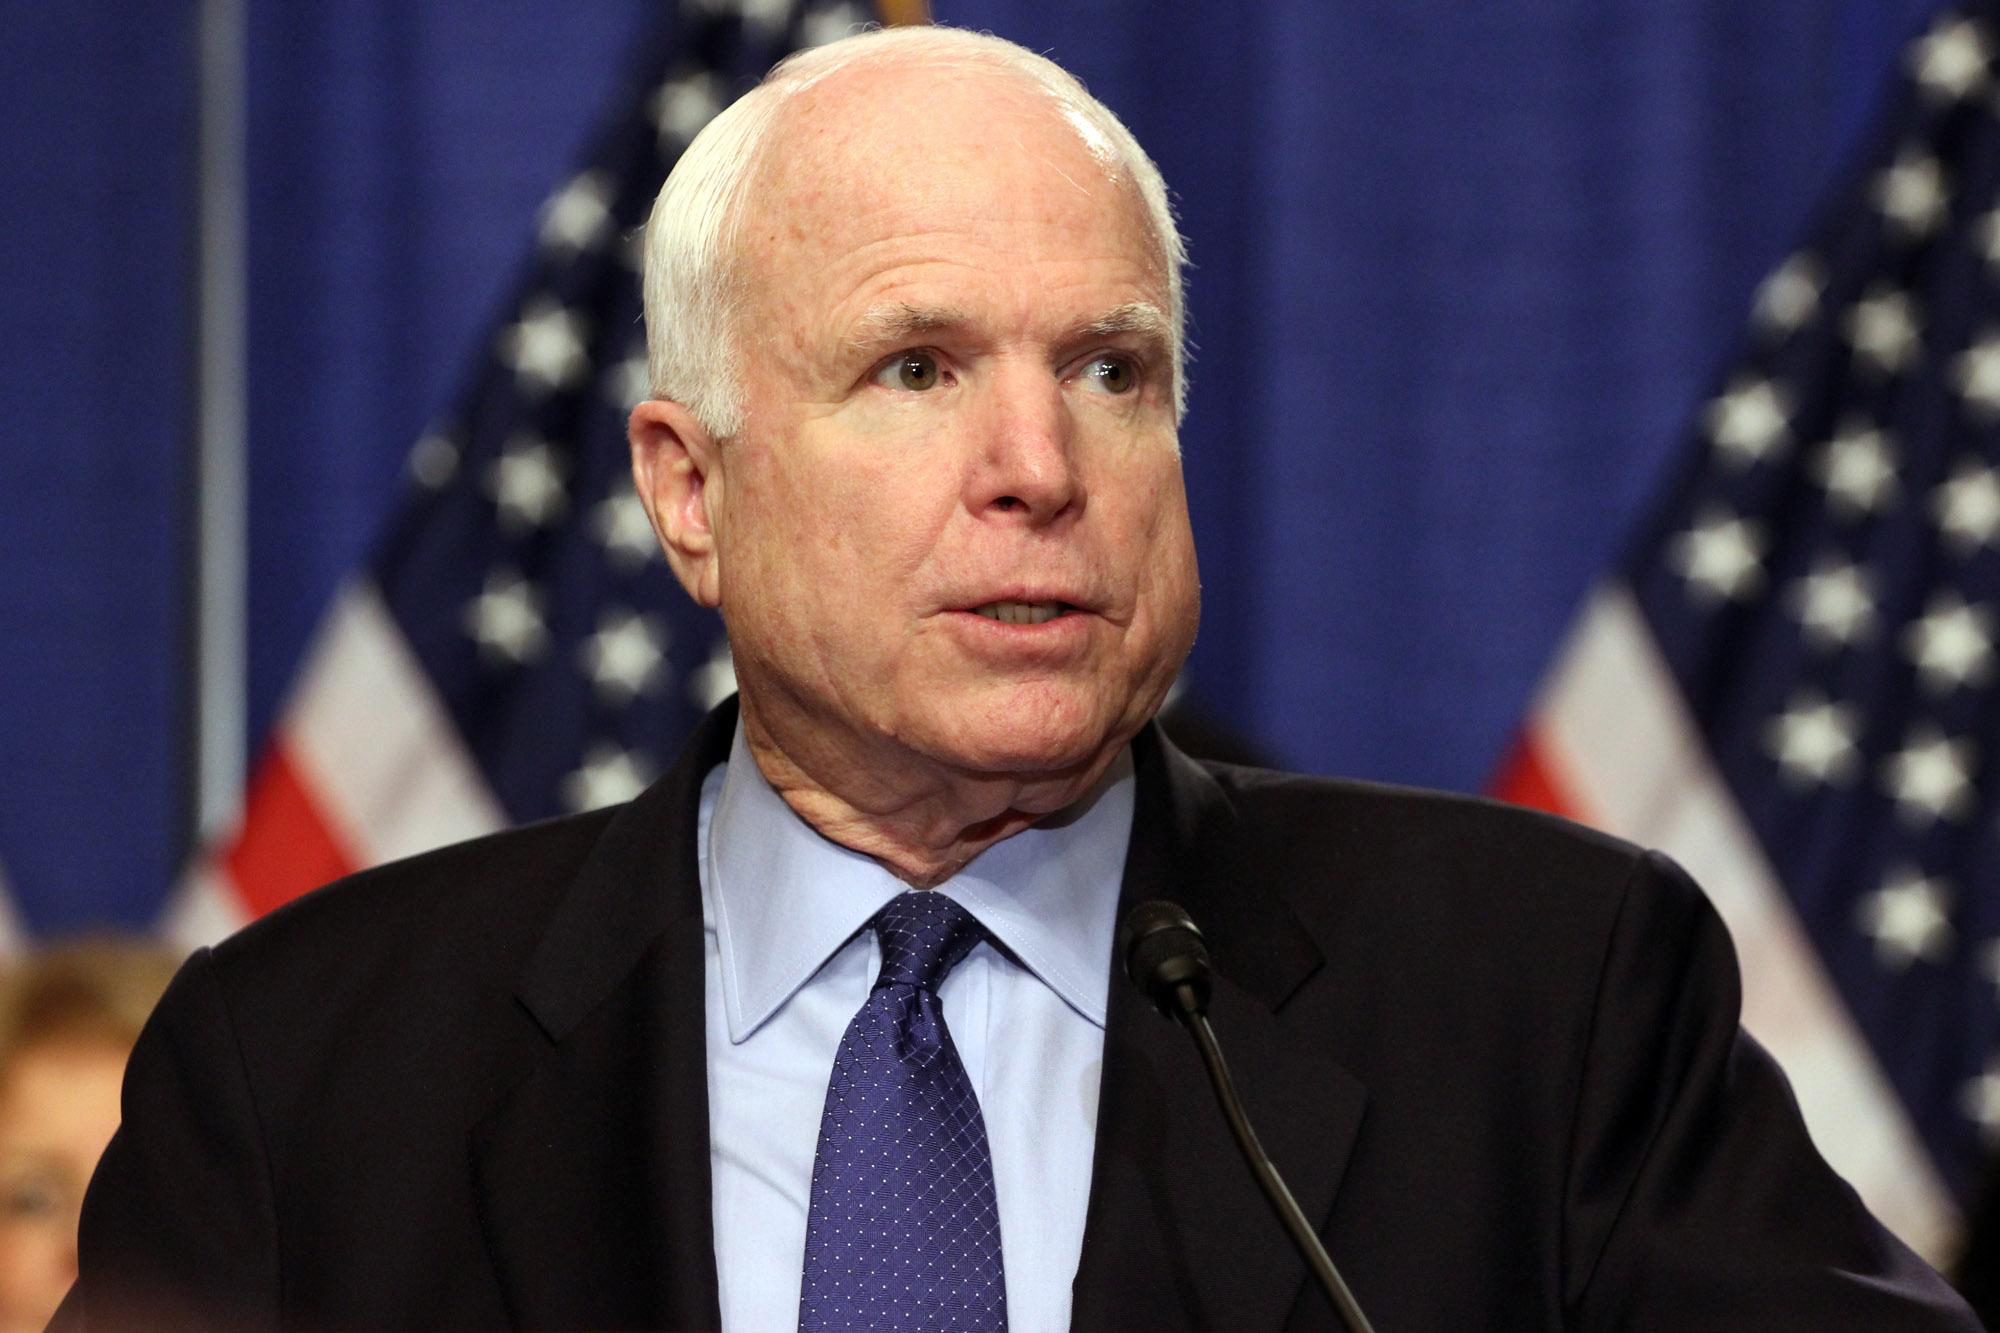 США должны ввести более жесткие санкции против агрессора - Путин дорого заплатит за свое наглое вмешательство в выборы президента - Маккейн